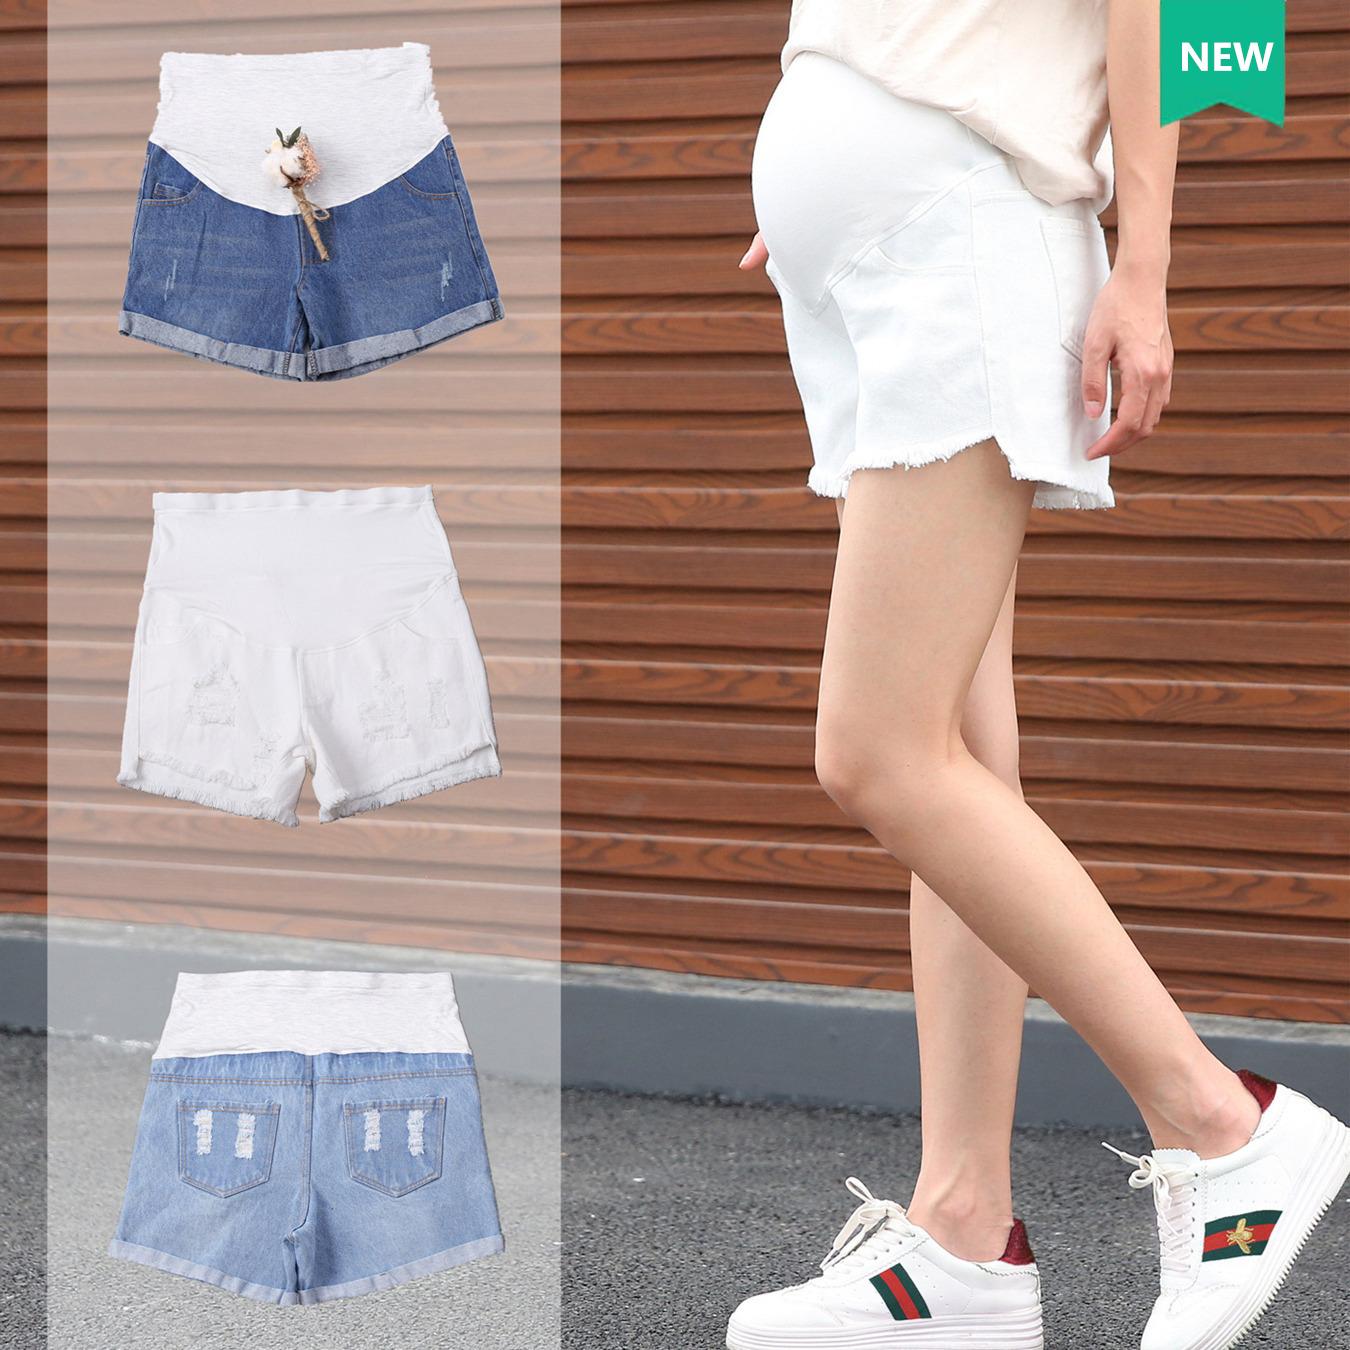 孕妇牛仔短裤女孕妇装夏装时尚孕妇裤子春夏季薄款外穿安全打底裤